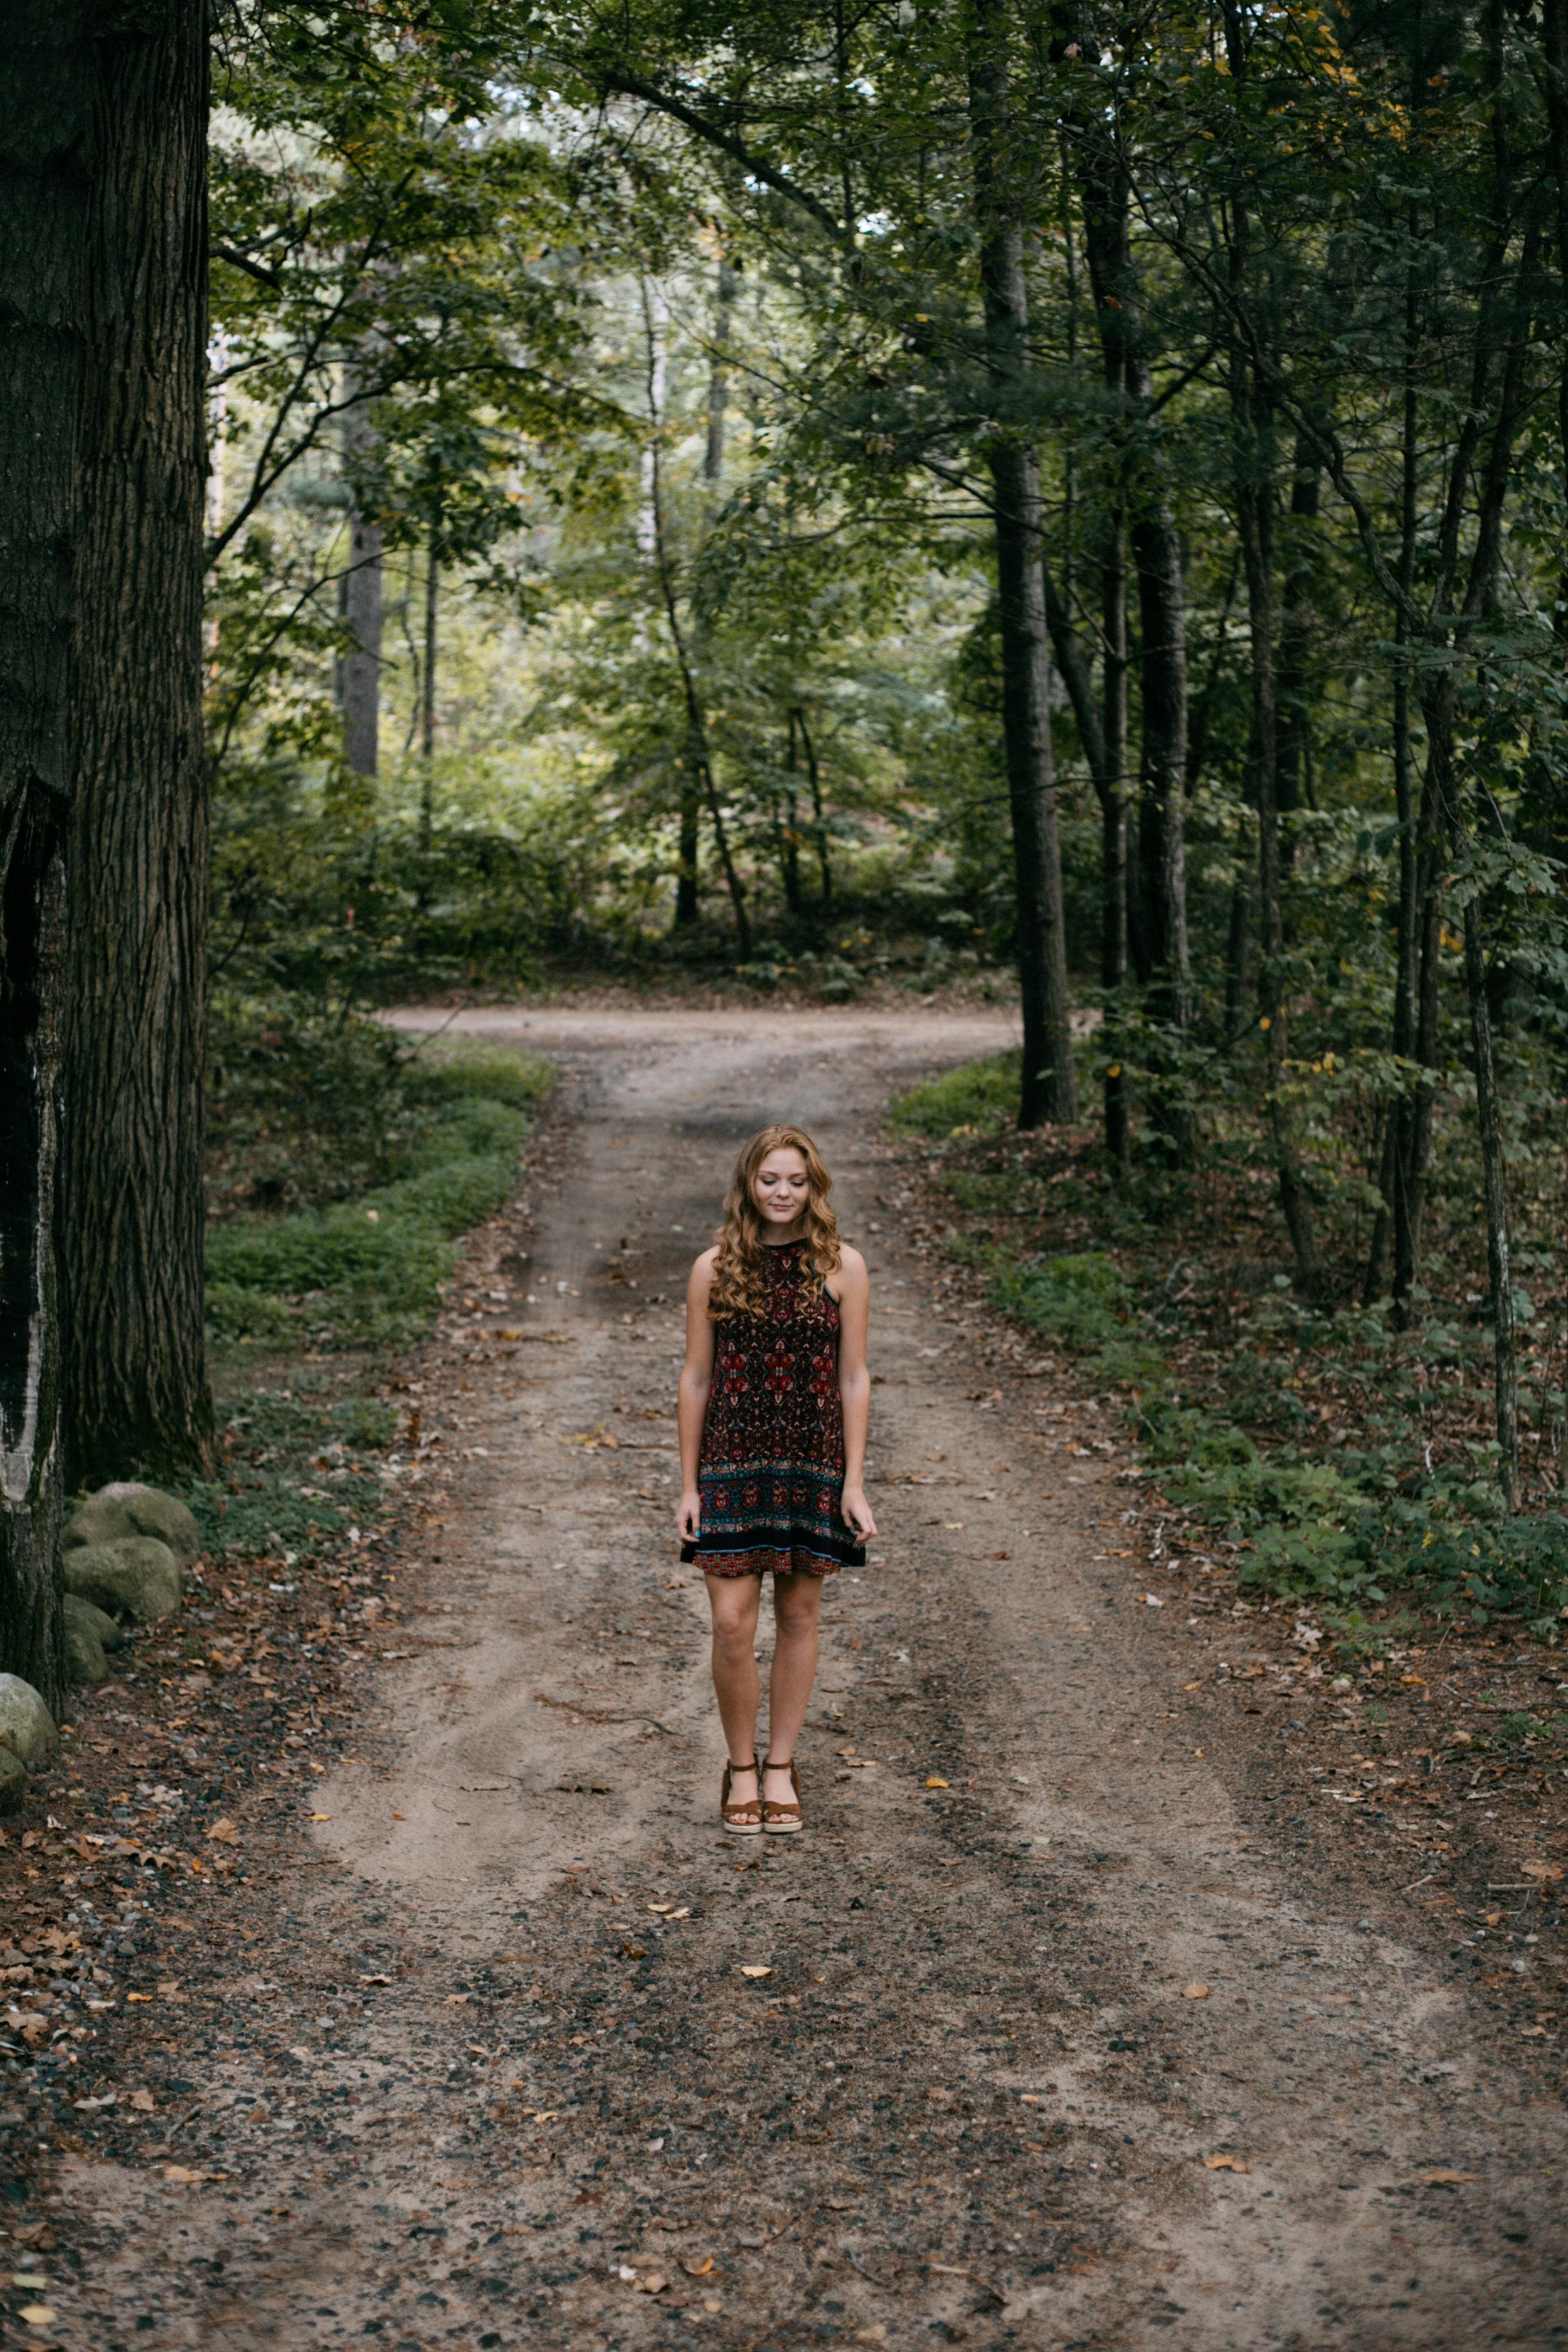 High school senior portrait session in the woods in Brainerd Minnesota by Britt DeZeeuw